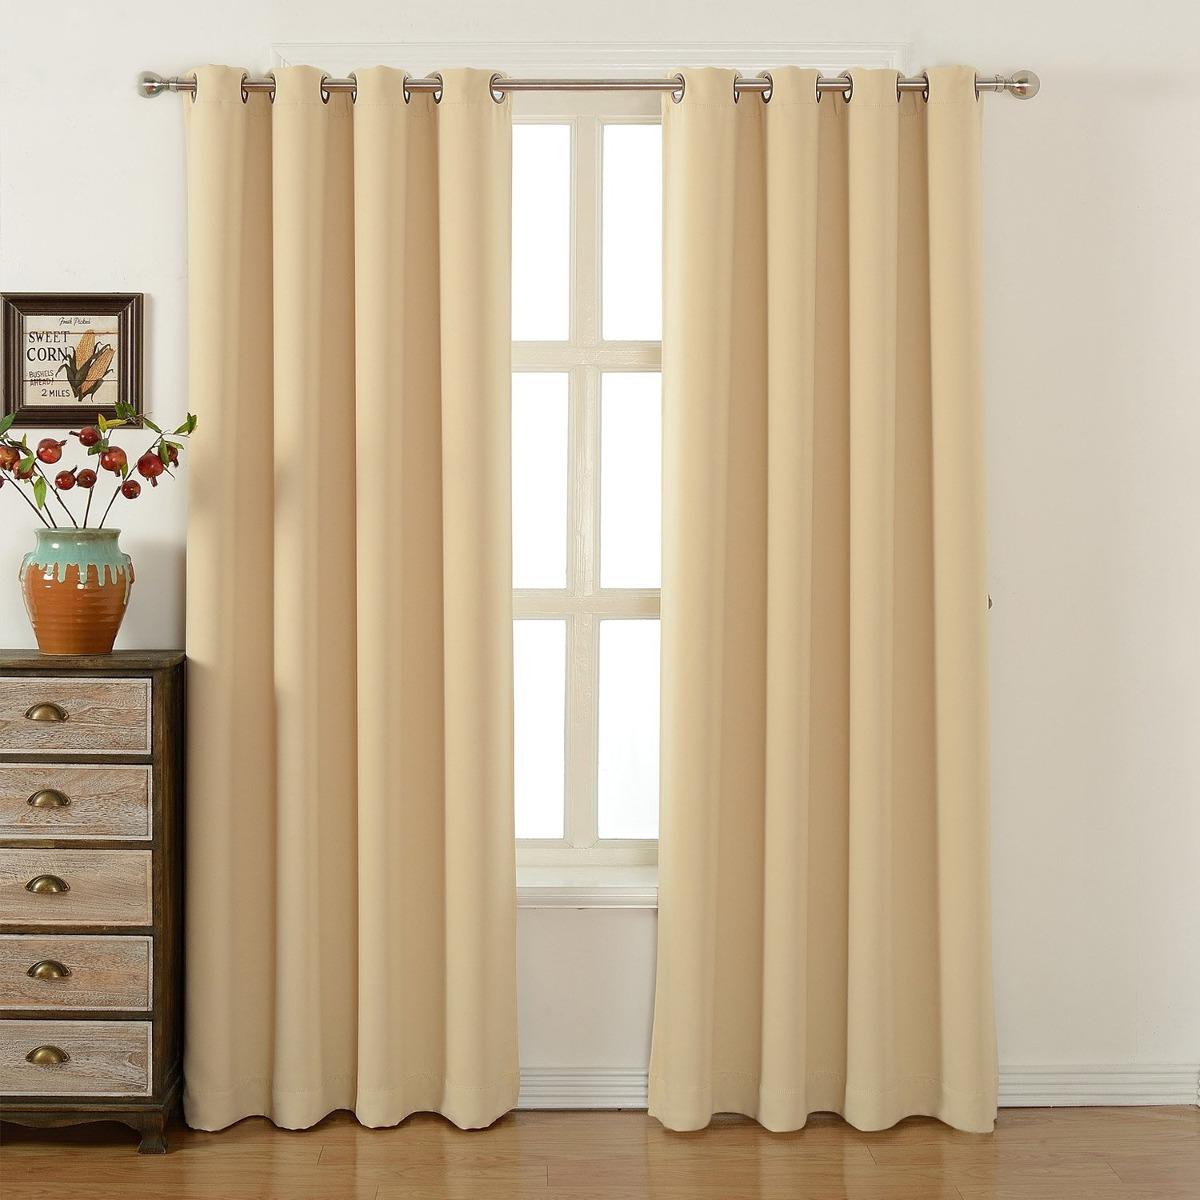 Cortinas Para Dormitorio Acelitor 52x84 Pulg beige